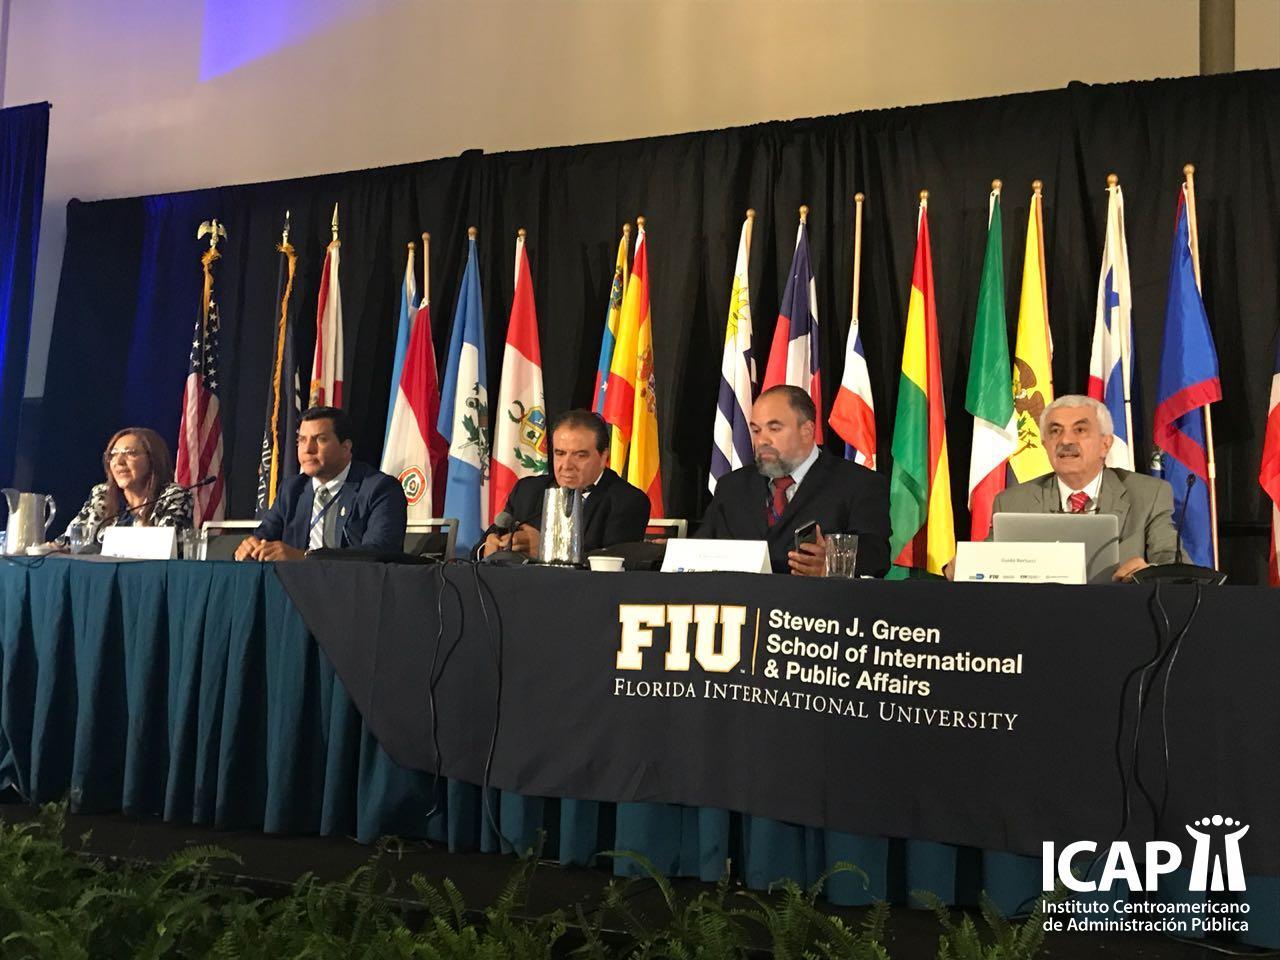 Experiencia del ICAP en el blindaje climático es analizada en la XXIV Conferencia Interamericana de Alcaldes y Autoridades Locales